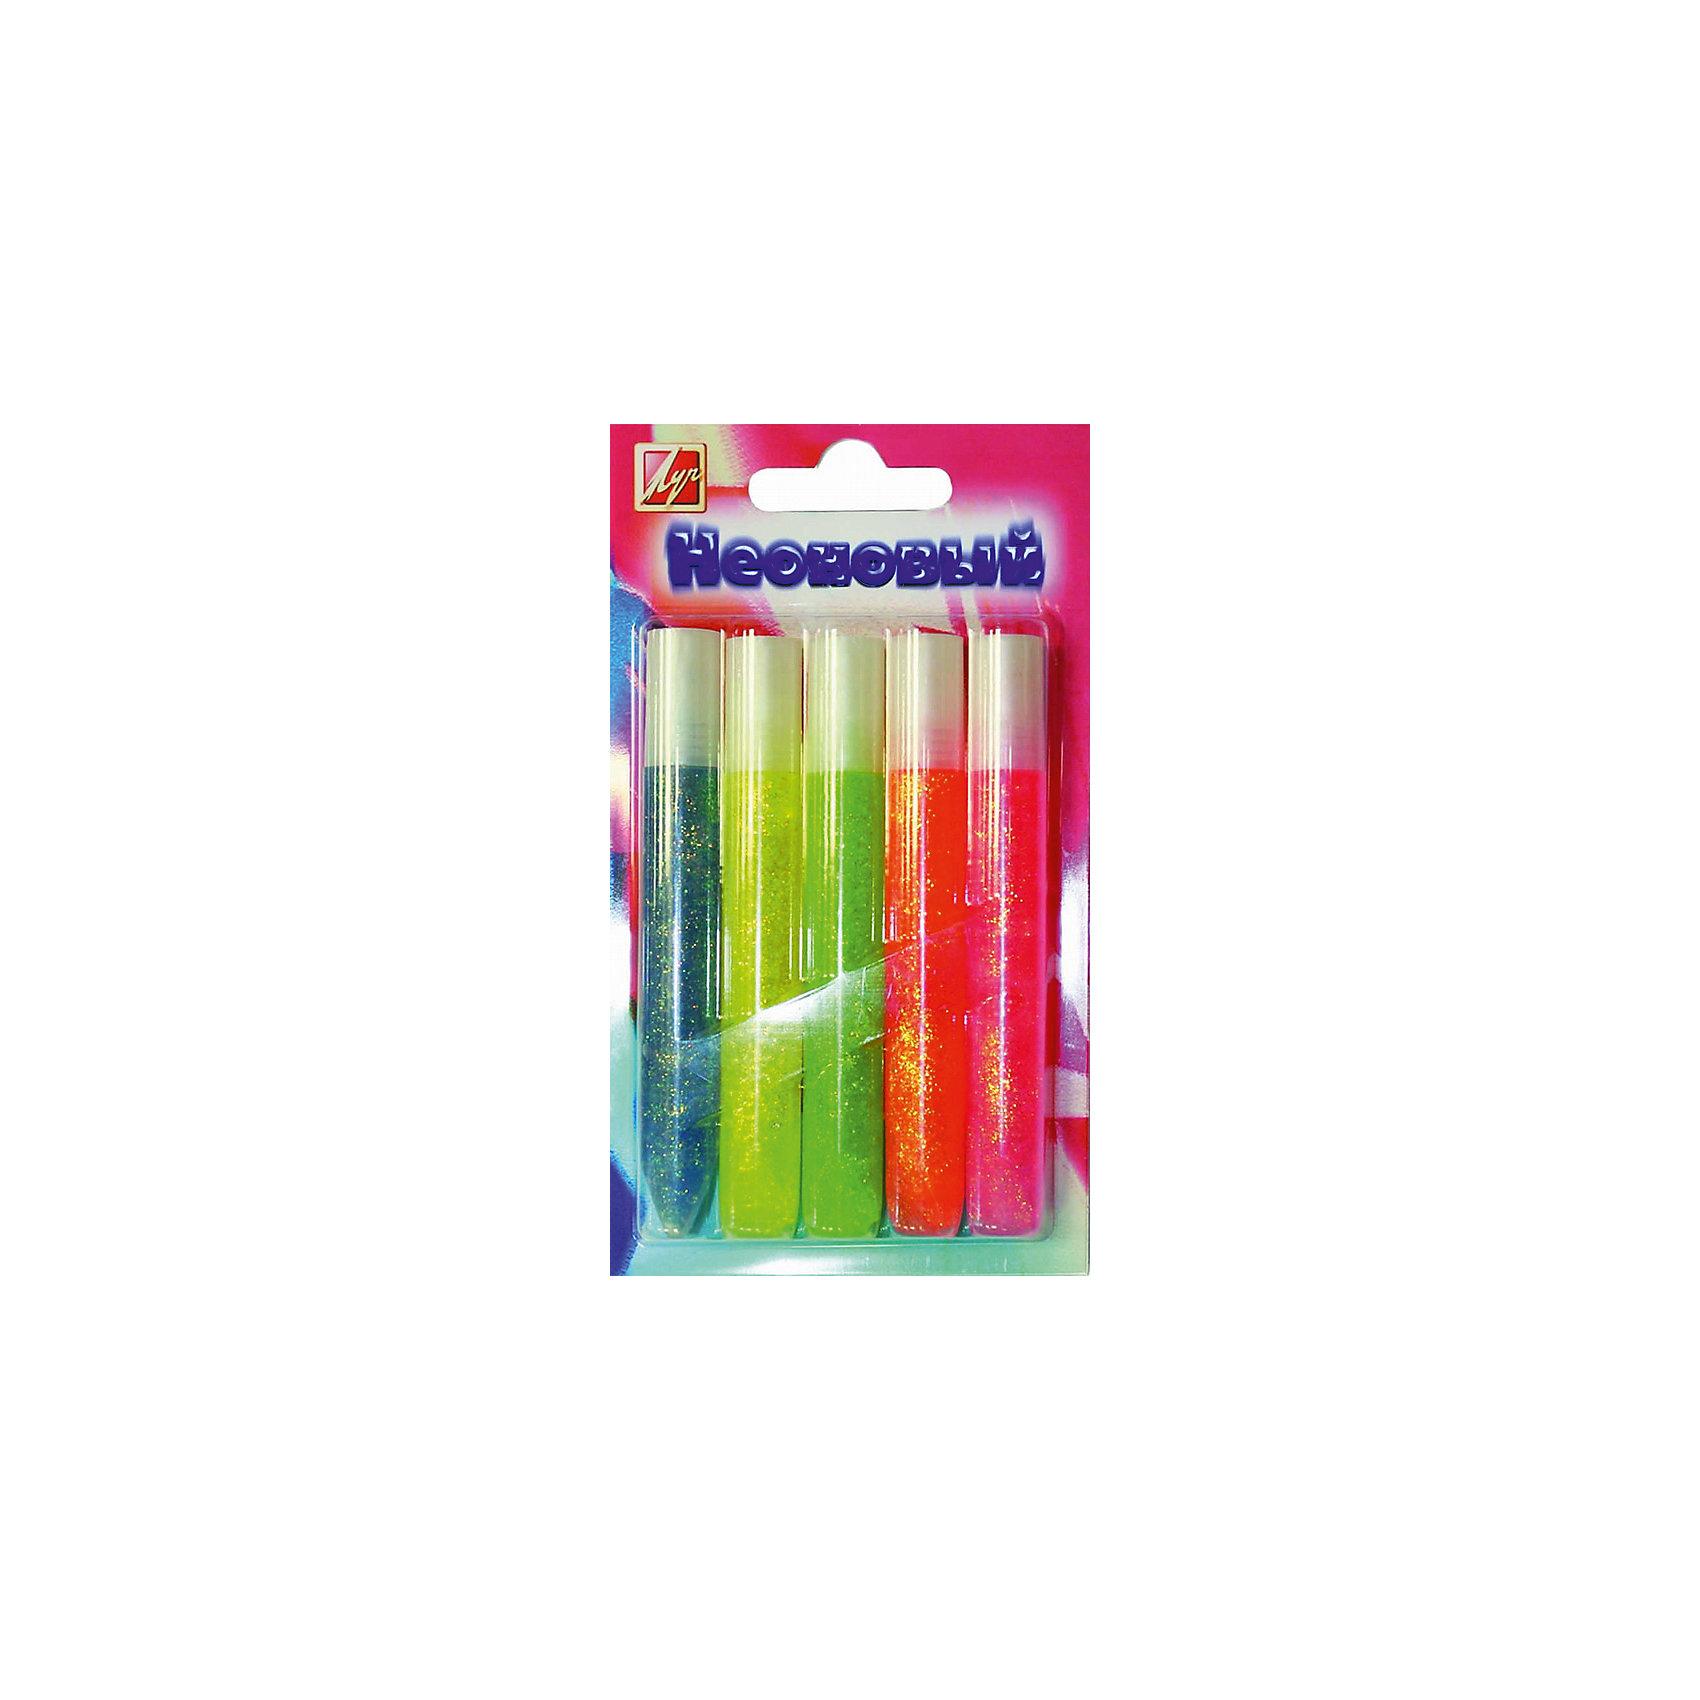 ЛУЧ Гель с блестками 5 цветовКарандаши для творчества<br>Характеристики товара:<br><br>• в комплекте: 5 тюбиков с гелем (оранжевый, салатовый, розовый, желтый, синий);<br>• объем тюбика: 10 мл;<br>• размер упаковки: 3,8х9,3х25 см;<br>• вес: 93 грамма;<br>• возраст: от 3 лет.<br><br>С помощью геля с блестками можно добавить необычные эффекты на любую картину. Благодаря тонкому наконечнику гель наносится очень легко и аккуратно. В комплект входят 5 тюбиков с гелем разных оттенков. Неоновые цвета станут прекрасным дополнением к любой поделке. Для создания прекрасных рисунков ребенку остается лишь добавить немного фантазии.<br><br>ЛУЧ Гель с блестками 5 цветов можно купить в нашем интернет-магазине.<br><br>Ширина мм: 165<br>Глубина мм: 95<br>Высота мм: 15<br>Вес г: 93<br>Возраст от месяцев: 36<br>Возраст до месяцев: 168<br>Пол: Унисекс<br>Возраст: Детский<br>SKU: 6859000